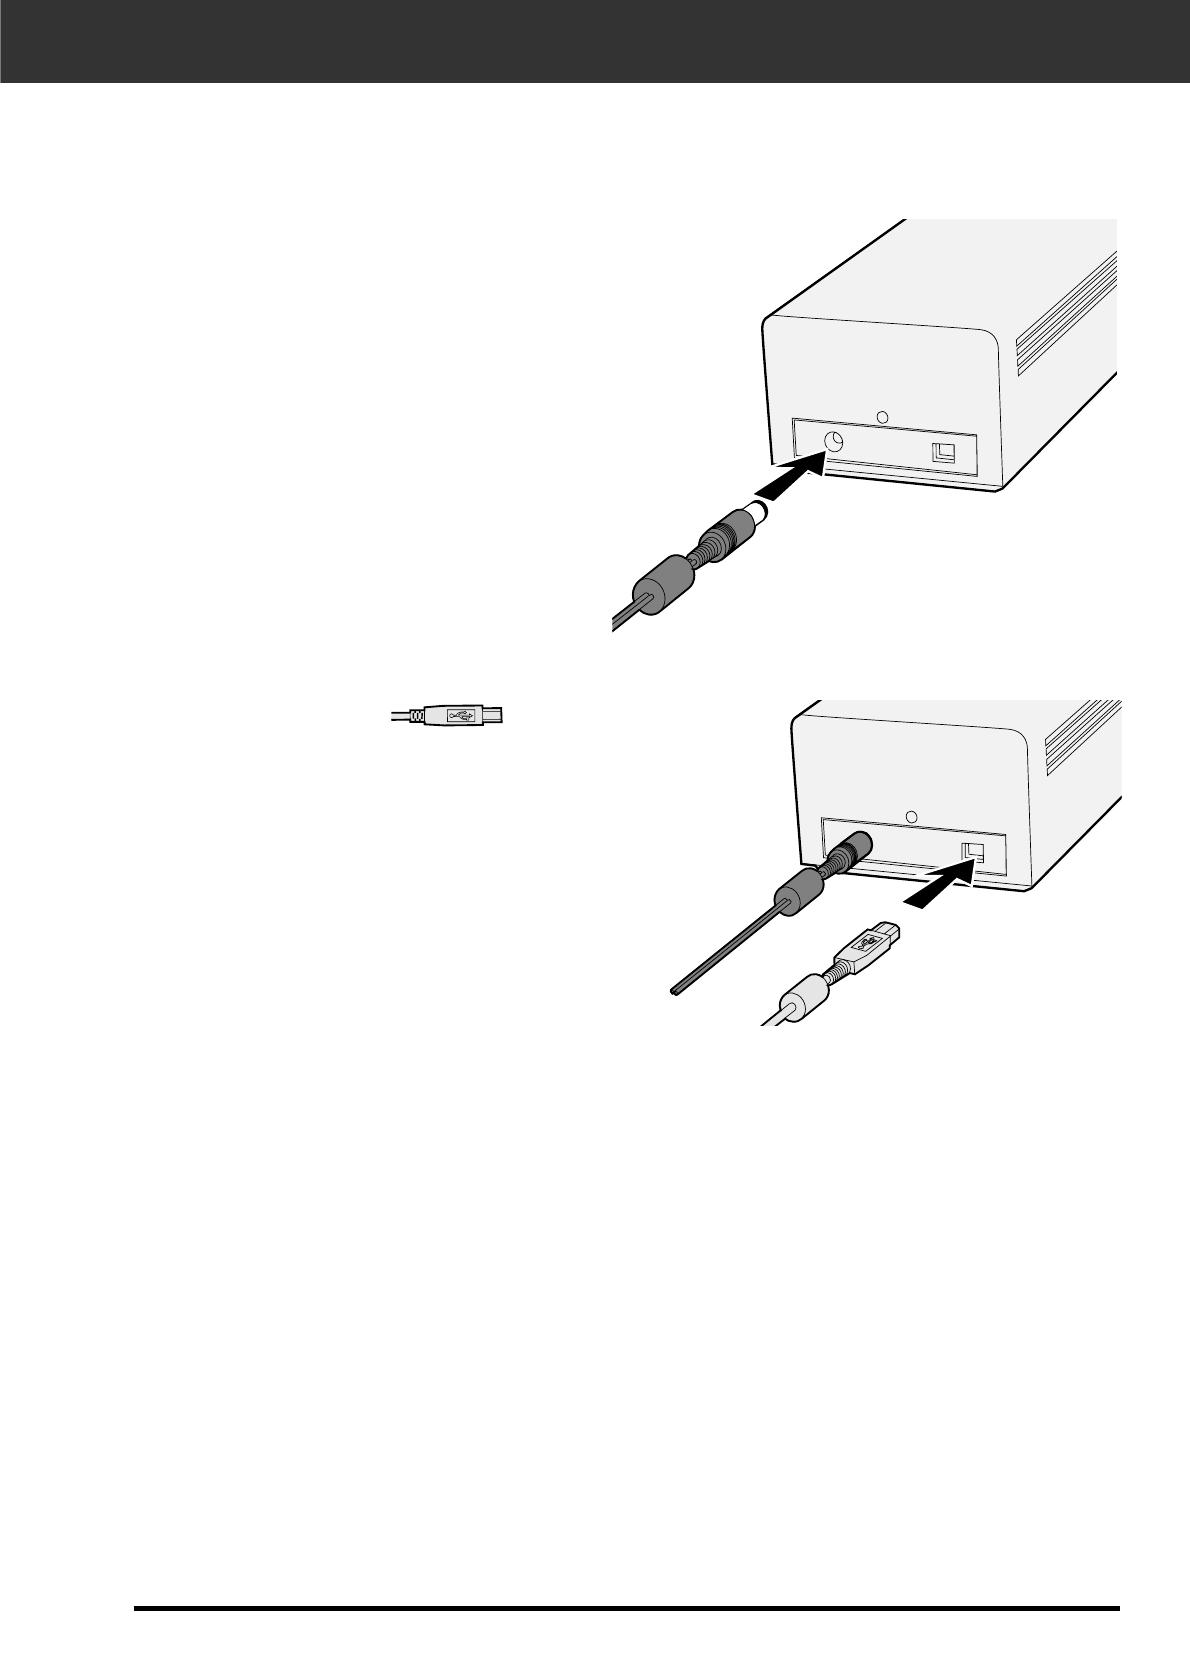 Minolta Dimage Scan Dual Ii Af 2820U Overview E11